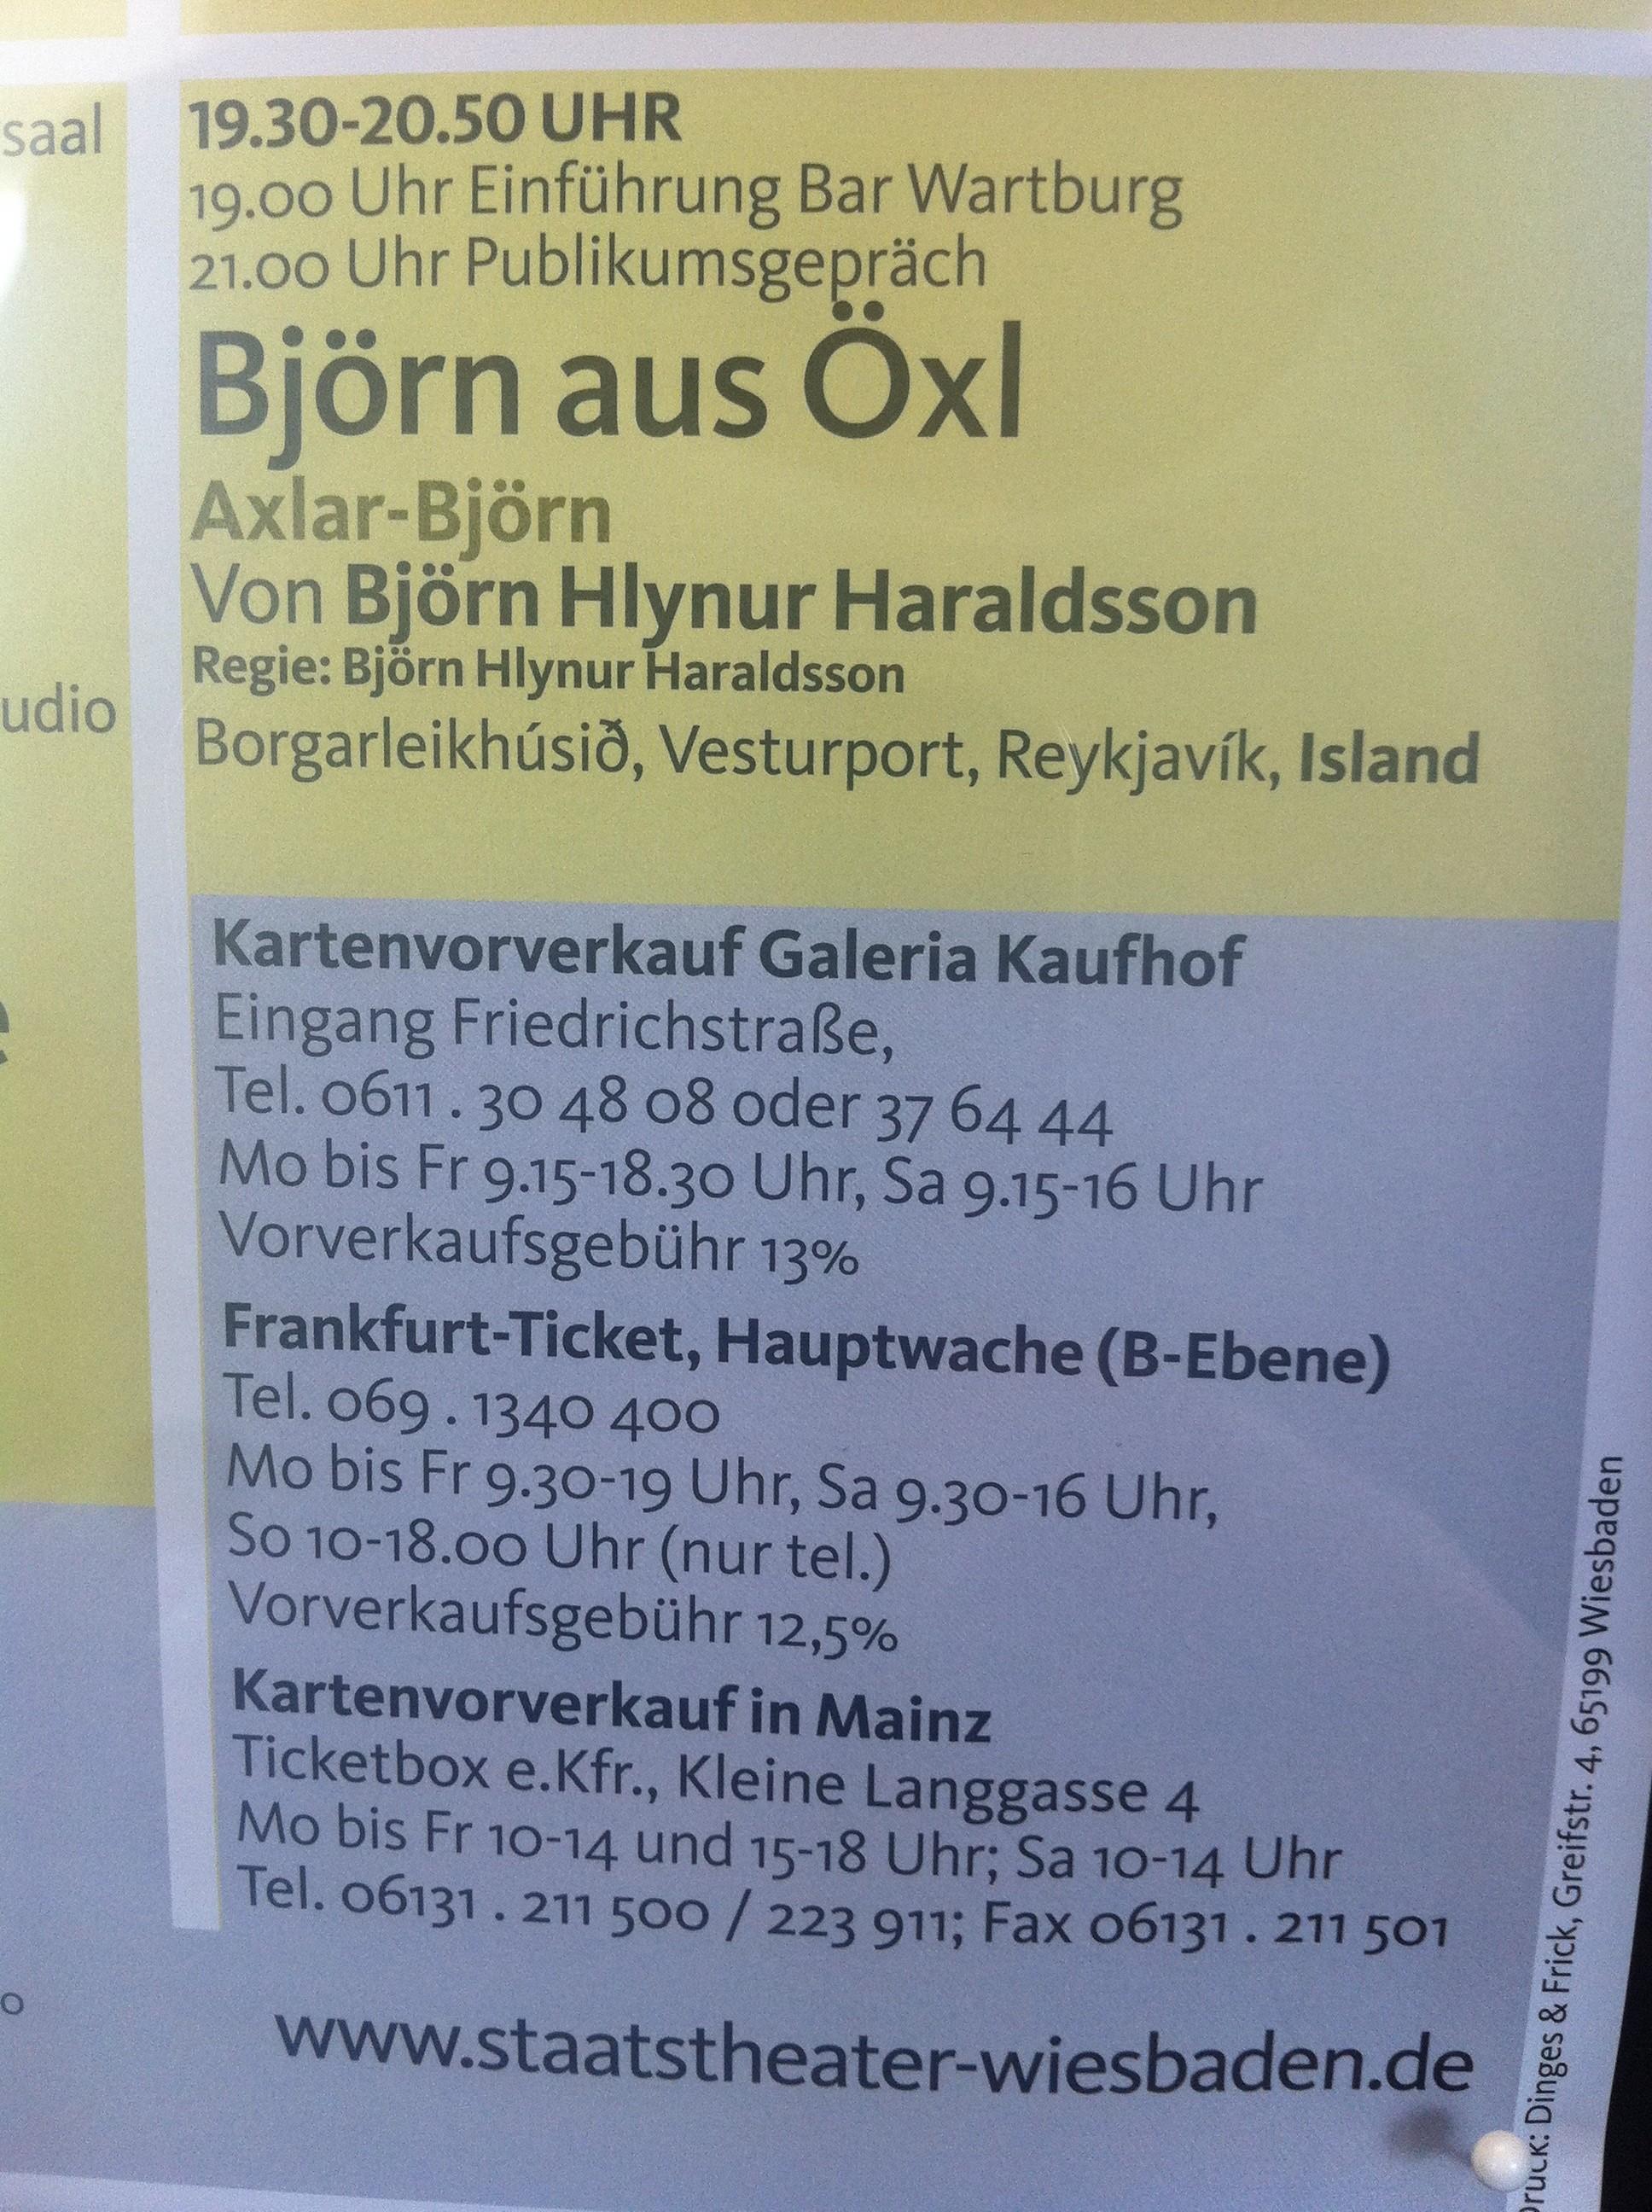 Björn aus Öxl